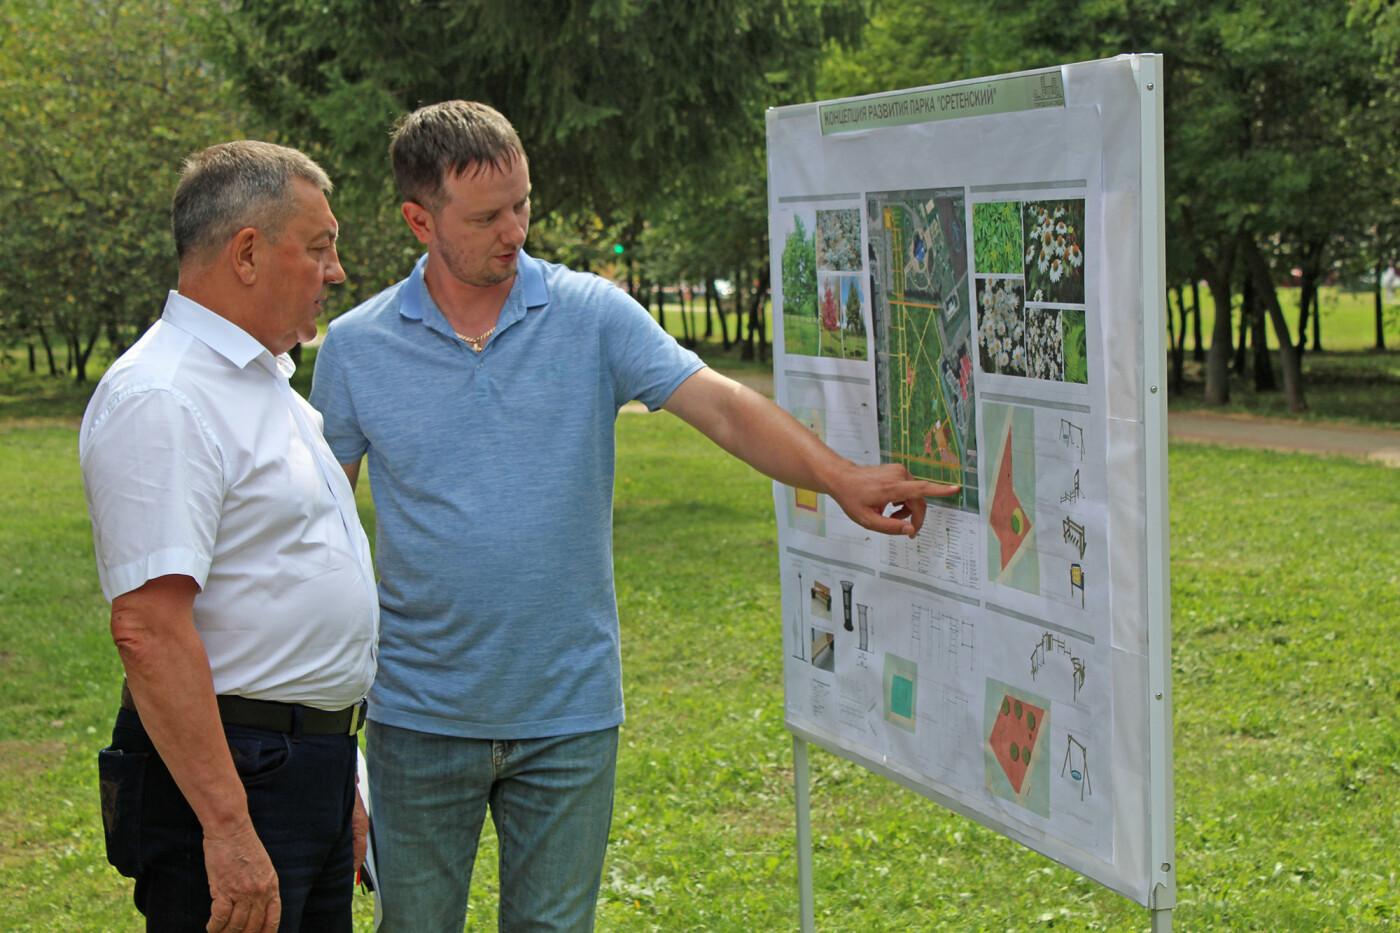 В новом парке под Белгородом установят мультимедийный экран, фото-3